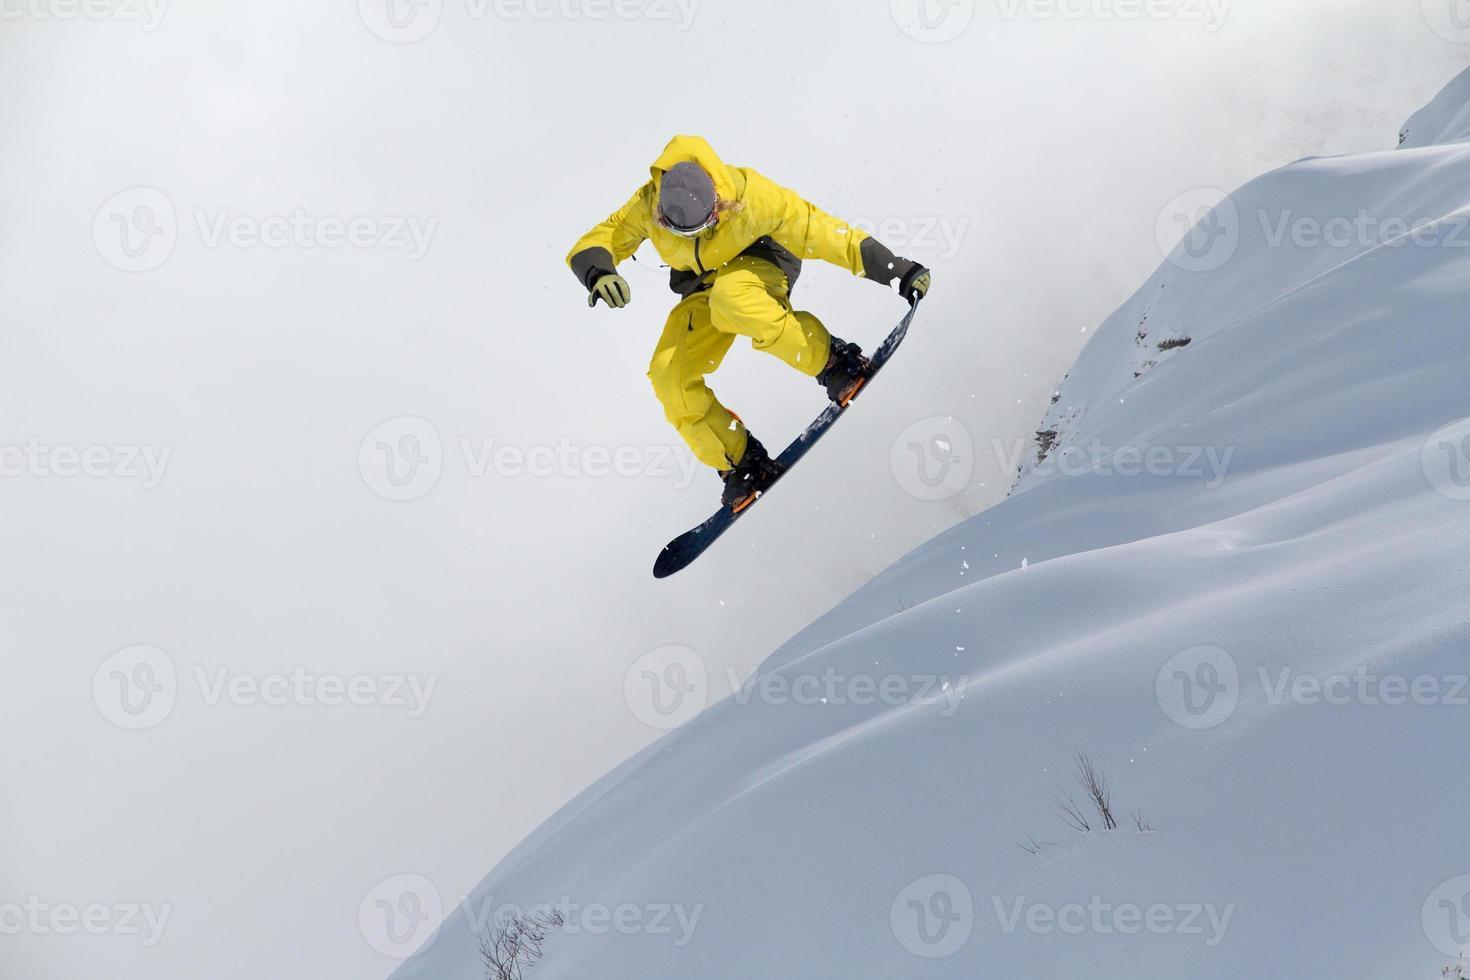 voando snowboard nas montanhas. esporte radical foto